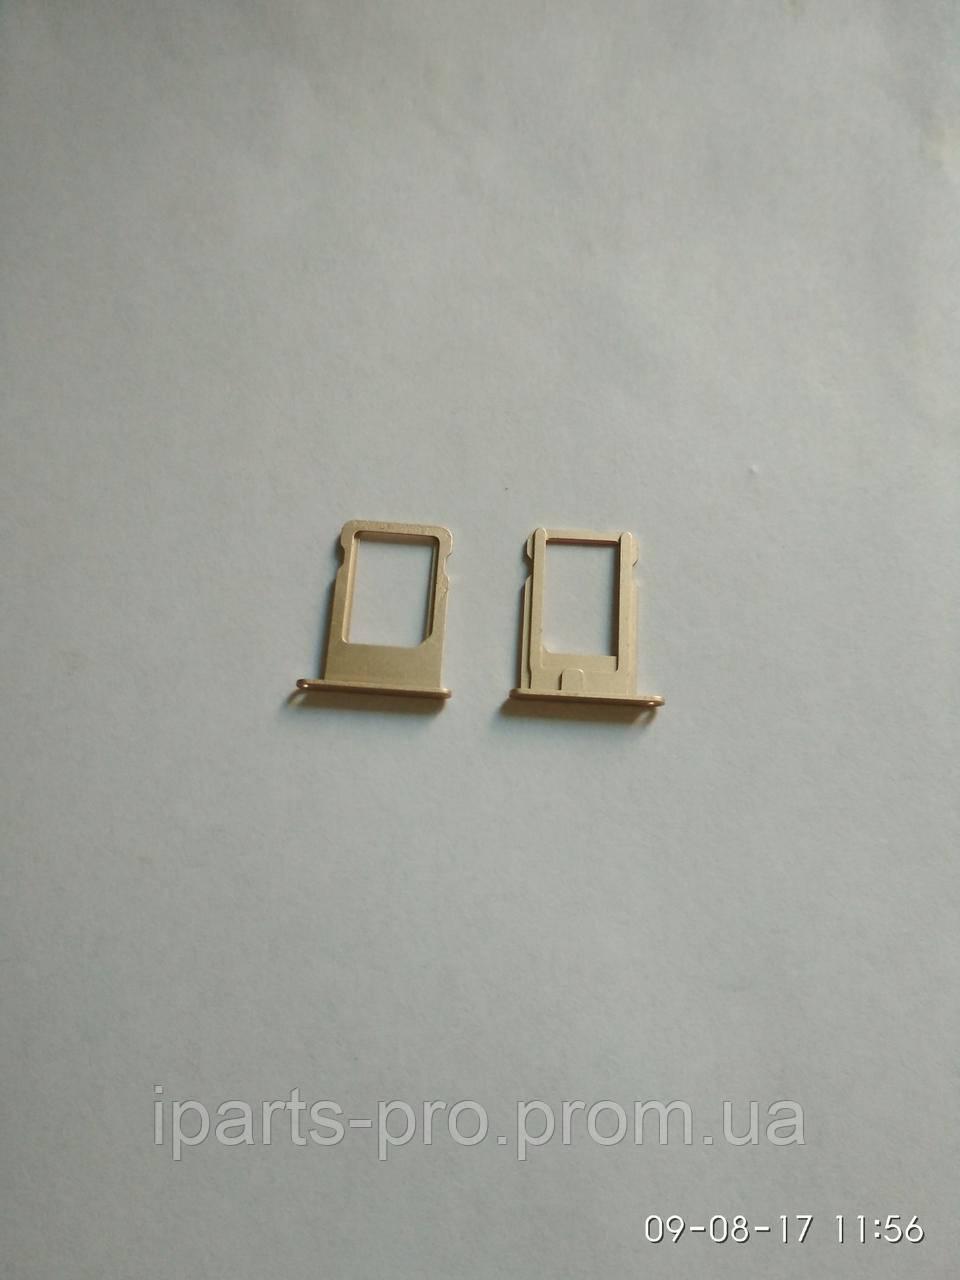 Лоток для сим-карты для iPhone 5S ЗОЛОТО